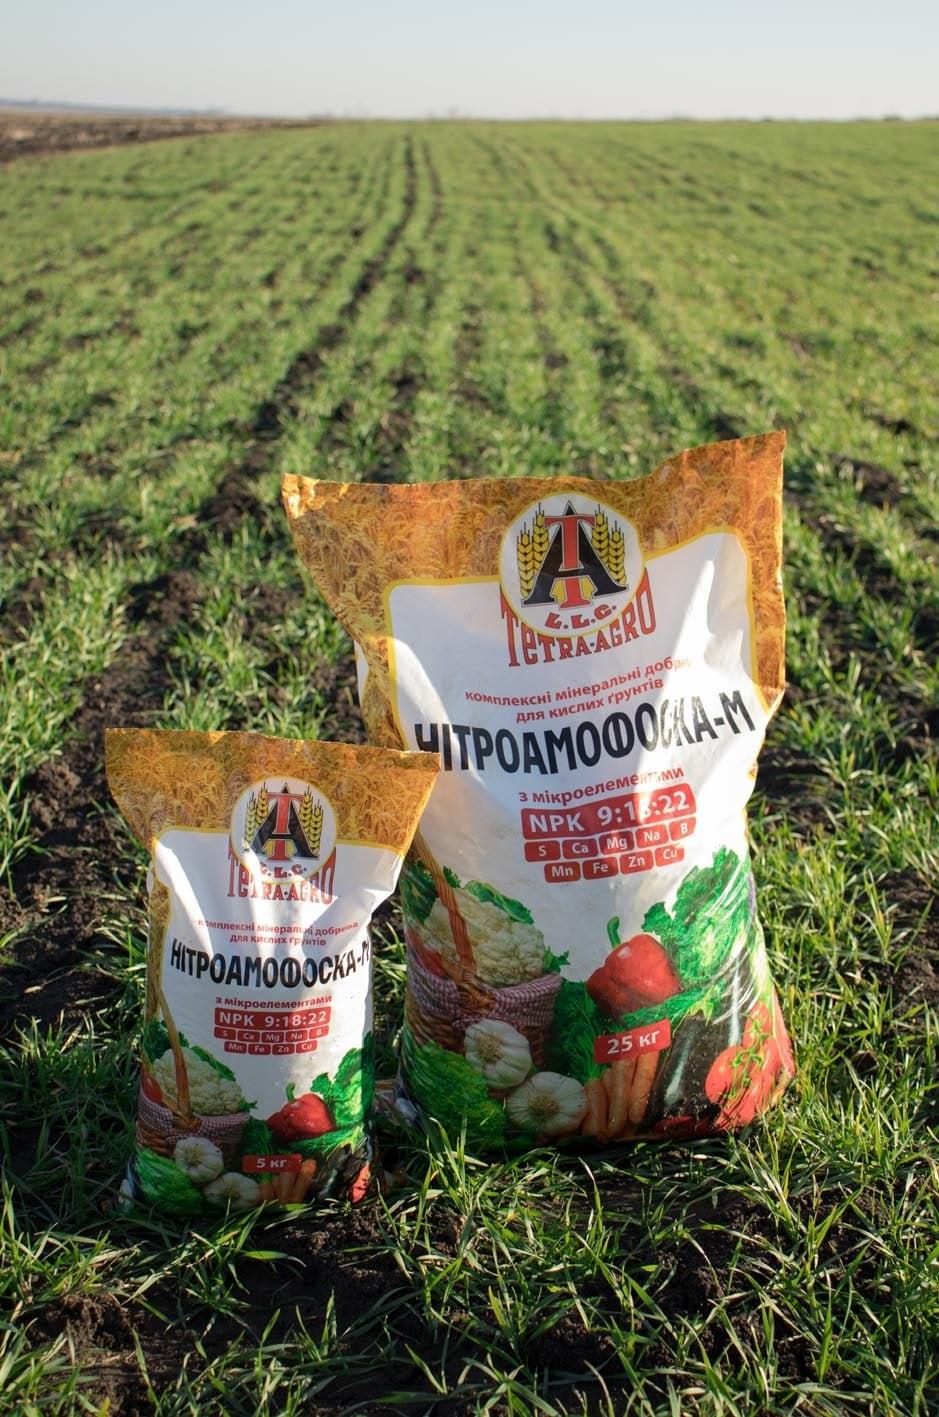 підживлення нітроамофоскою, нітроамофоска для картоплі, норма під картоплю